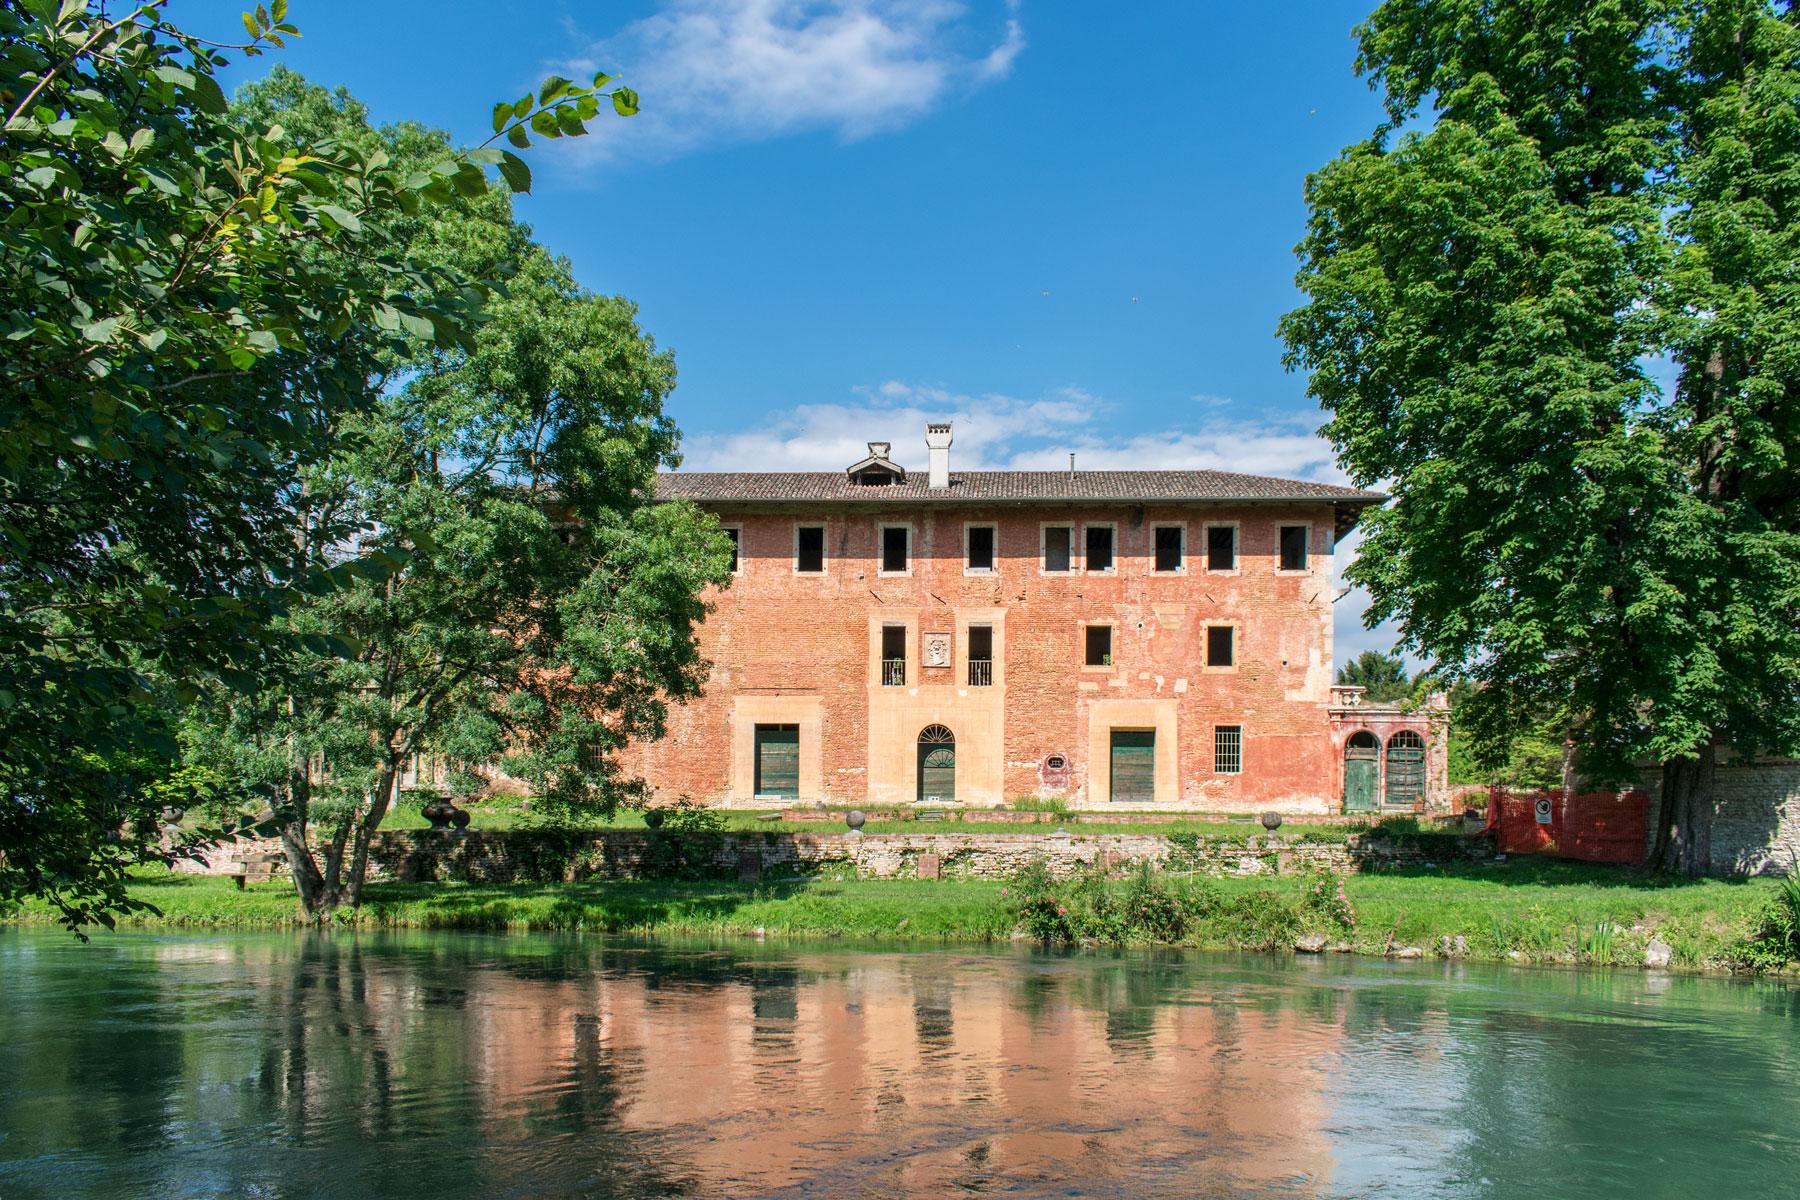 Villa Ottelio Savorgnan affacciata sul fiume Stella